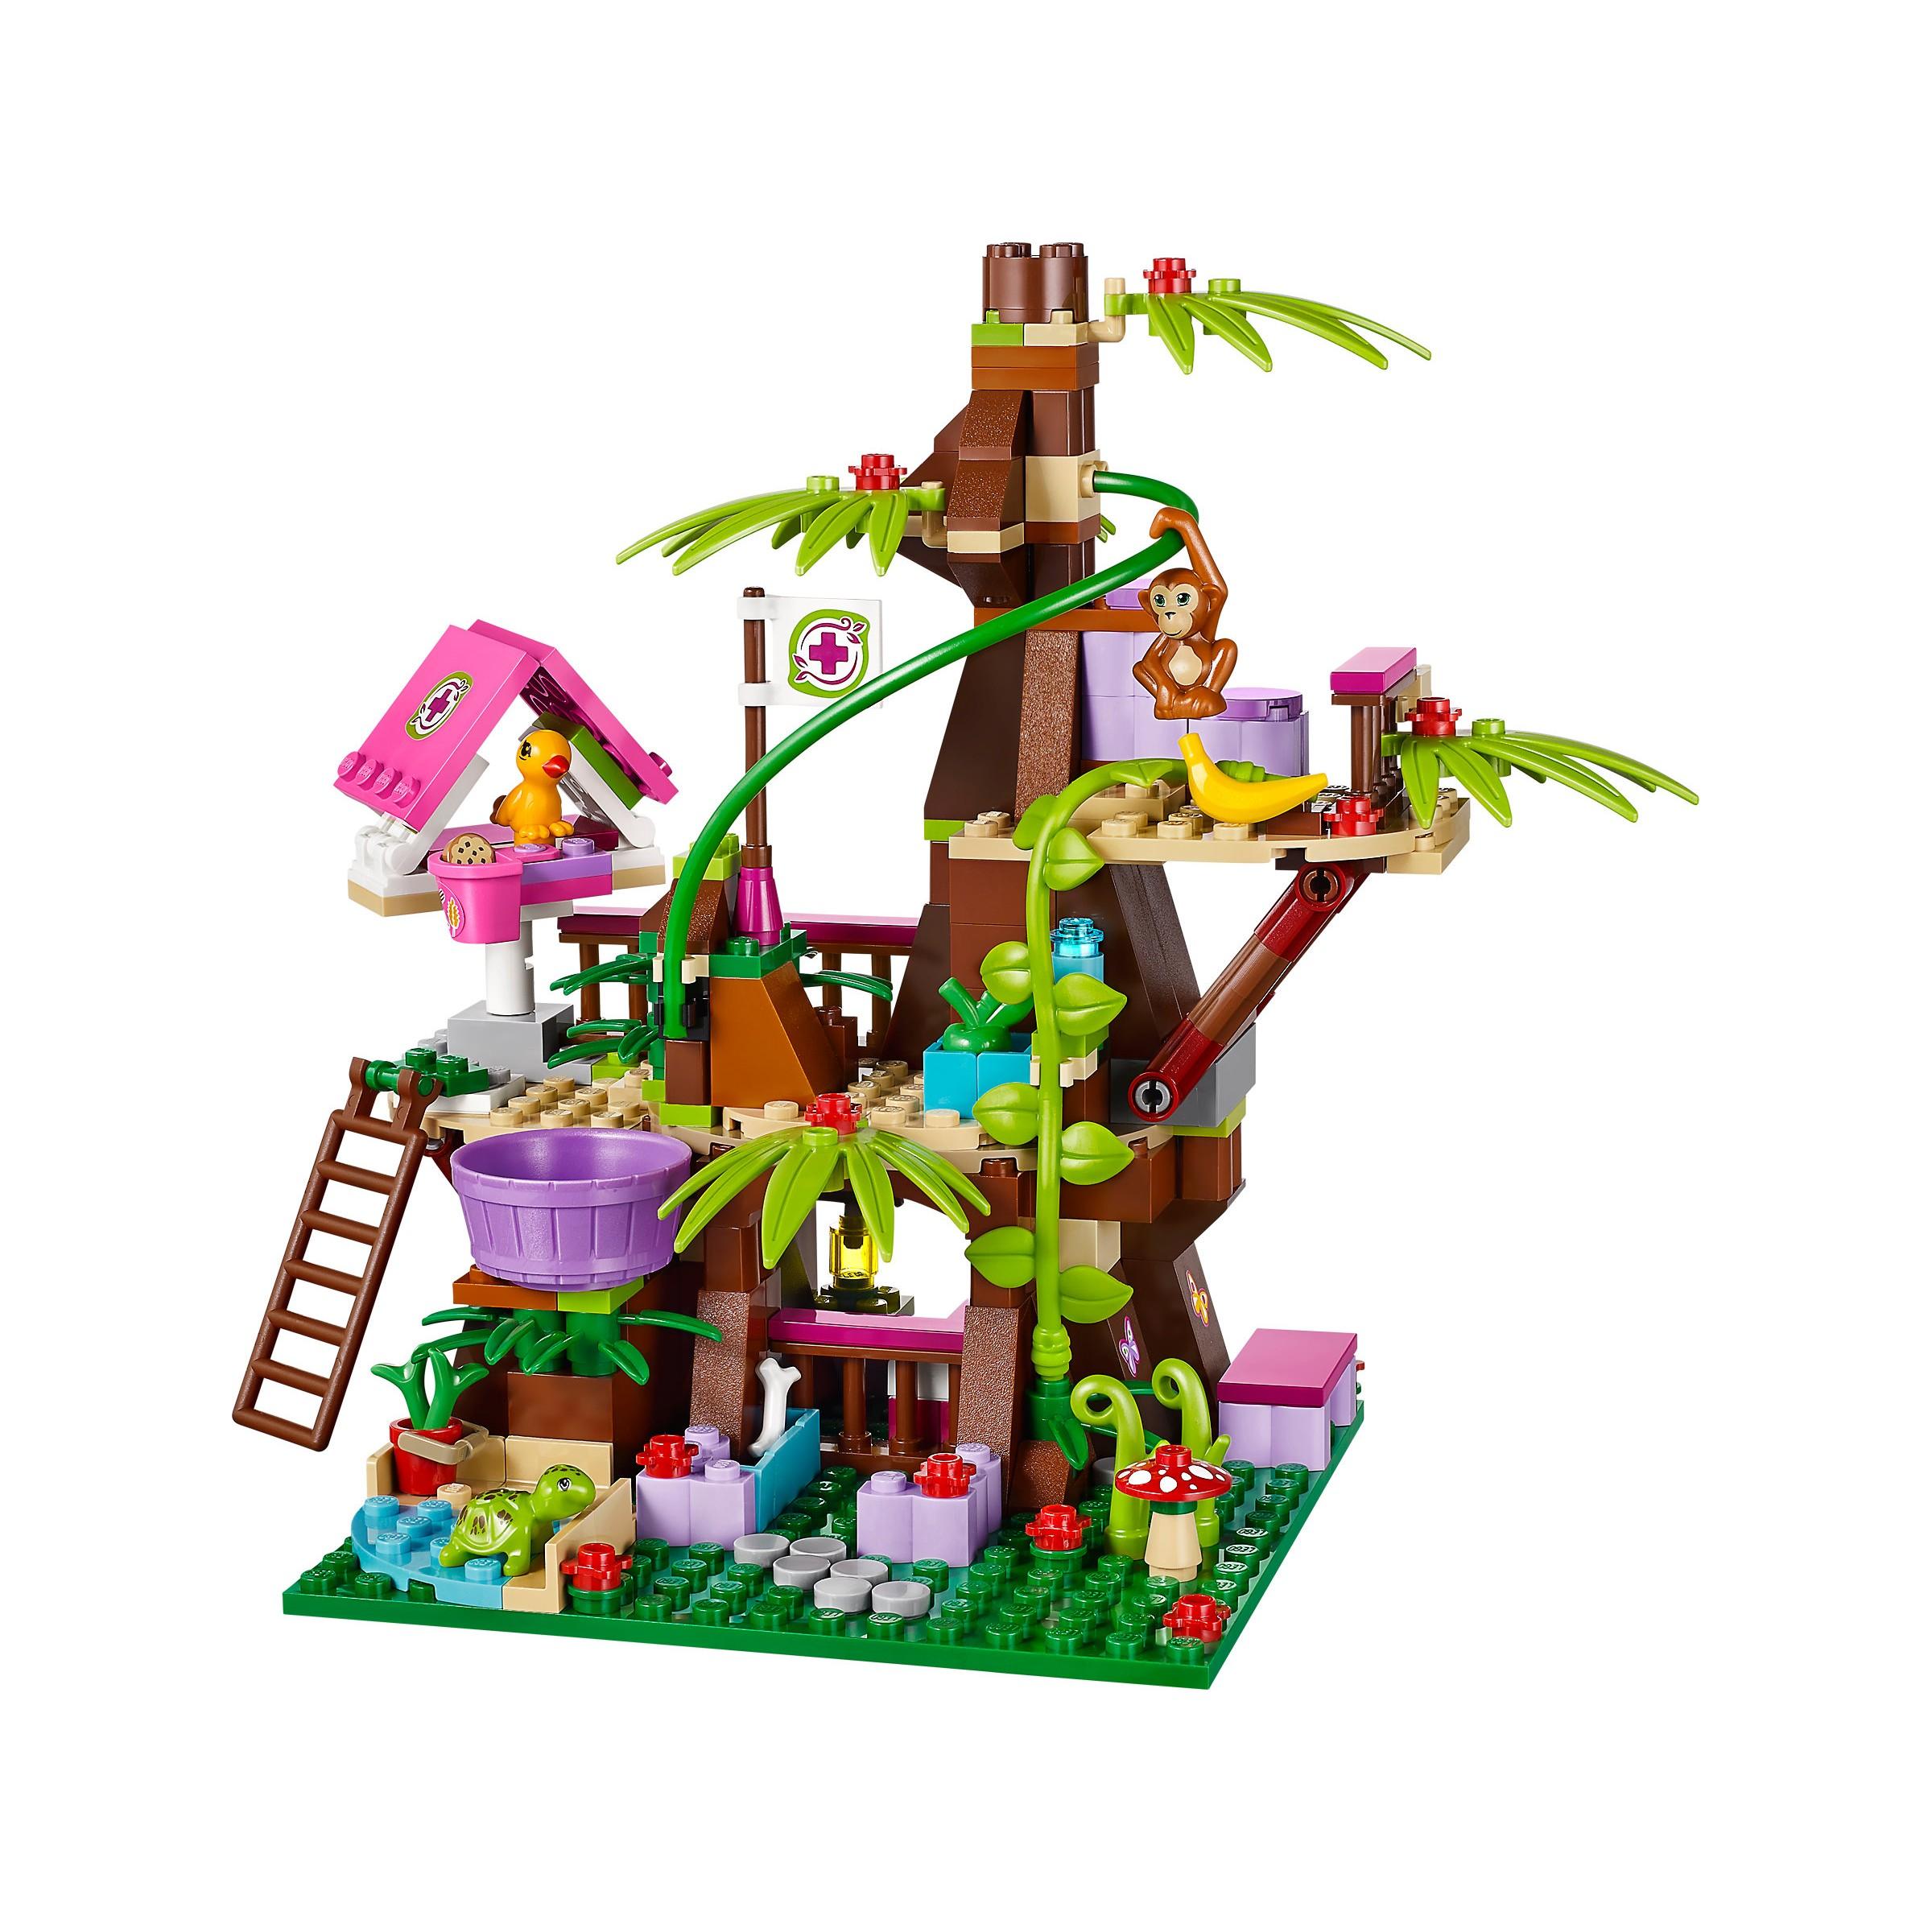 Lego 41059 Friends Jungle Tree Sanctuary At Hobby Warehouse